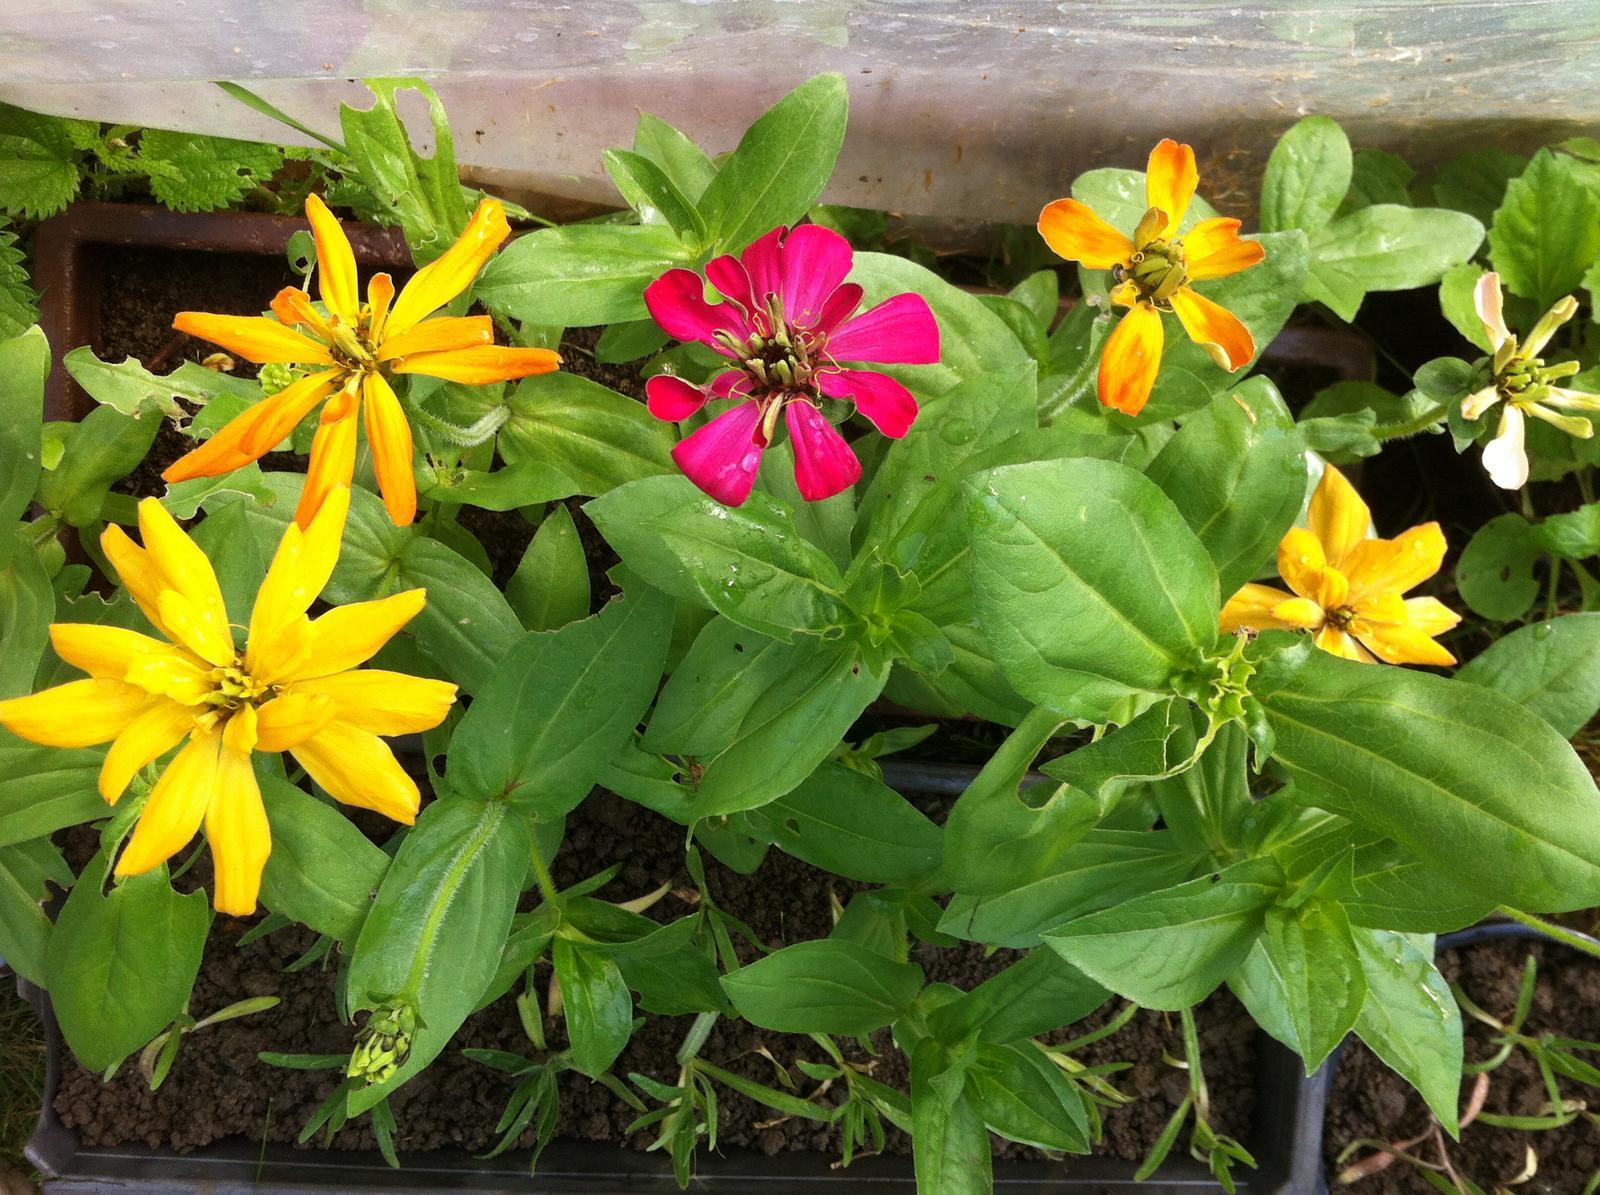 Vo víre kvetov... - Sadenice kaktusokvetých cínií už tiež kvitnú - musím ich čím skôr vysadiť do zeme